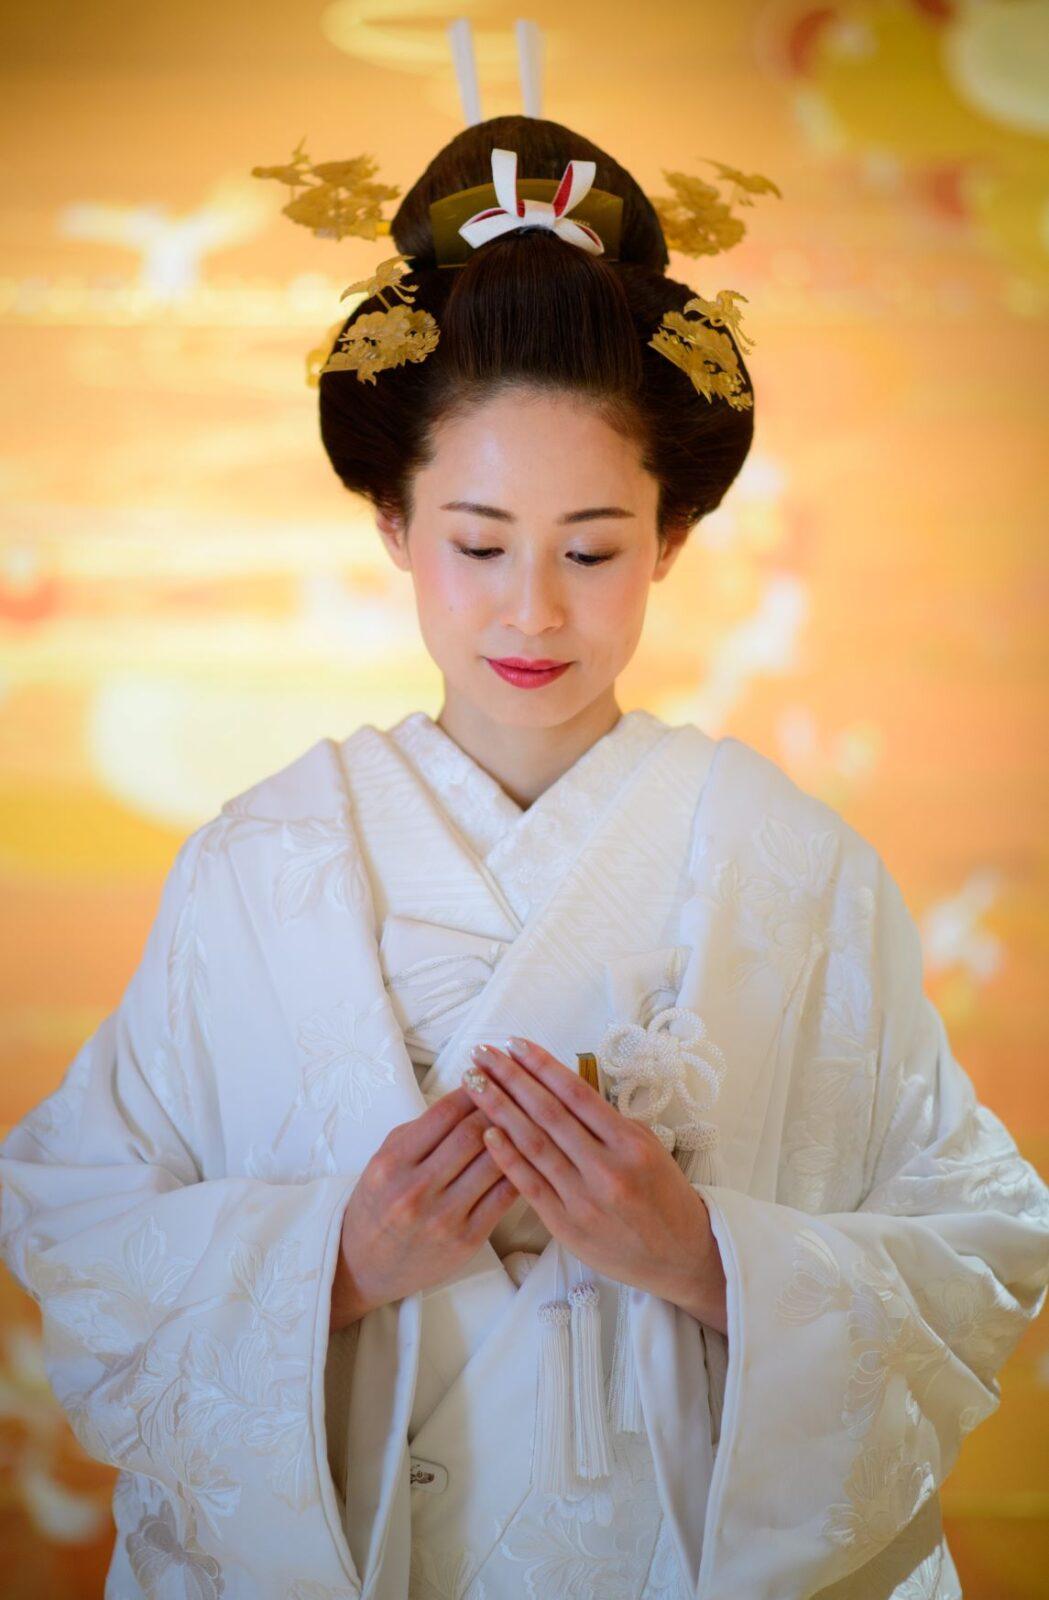 ザ トリート ドレッシング アディション店の提携会場、パレスホテル東京の神殿にて日本の伝統衣裳である白無垢を身に纏い、神前式を挙げられたご新婦様